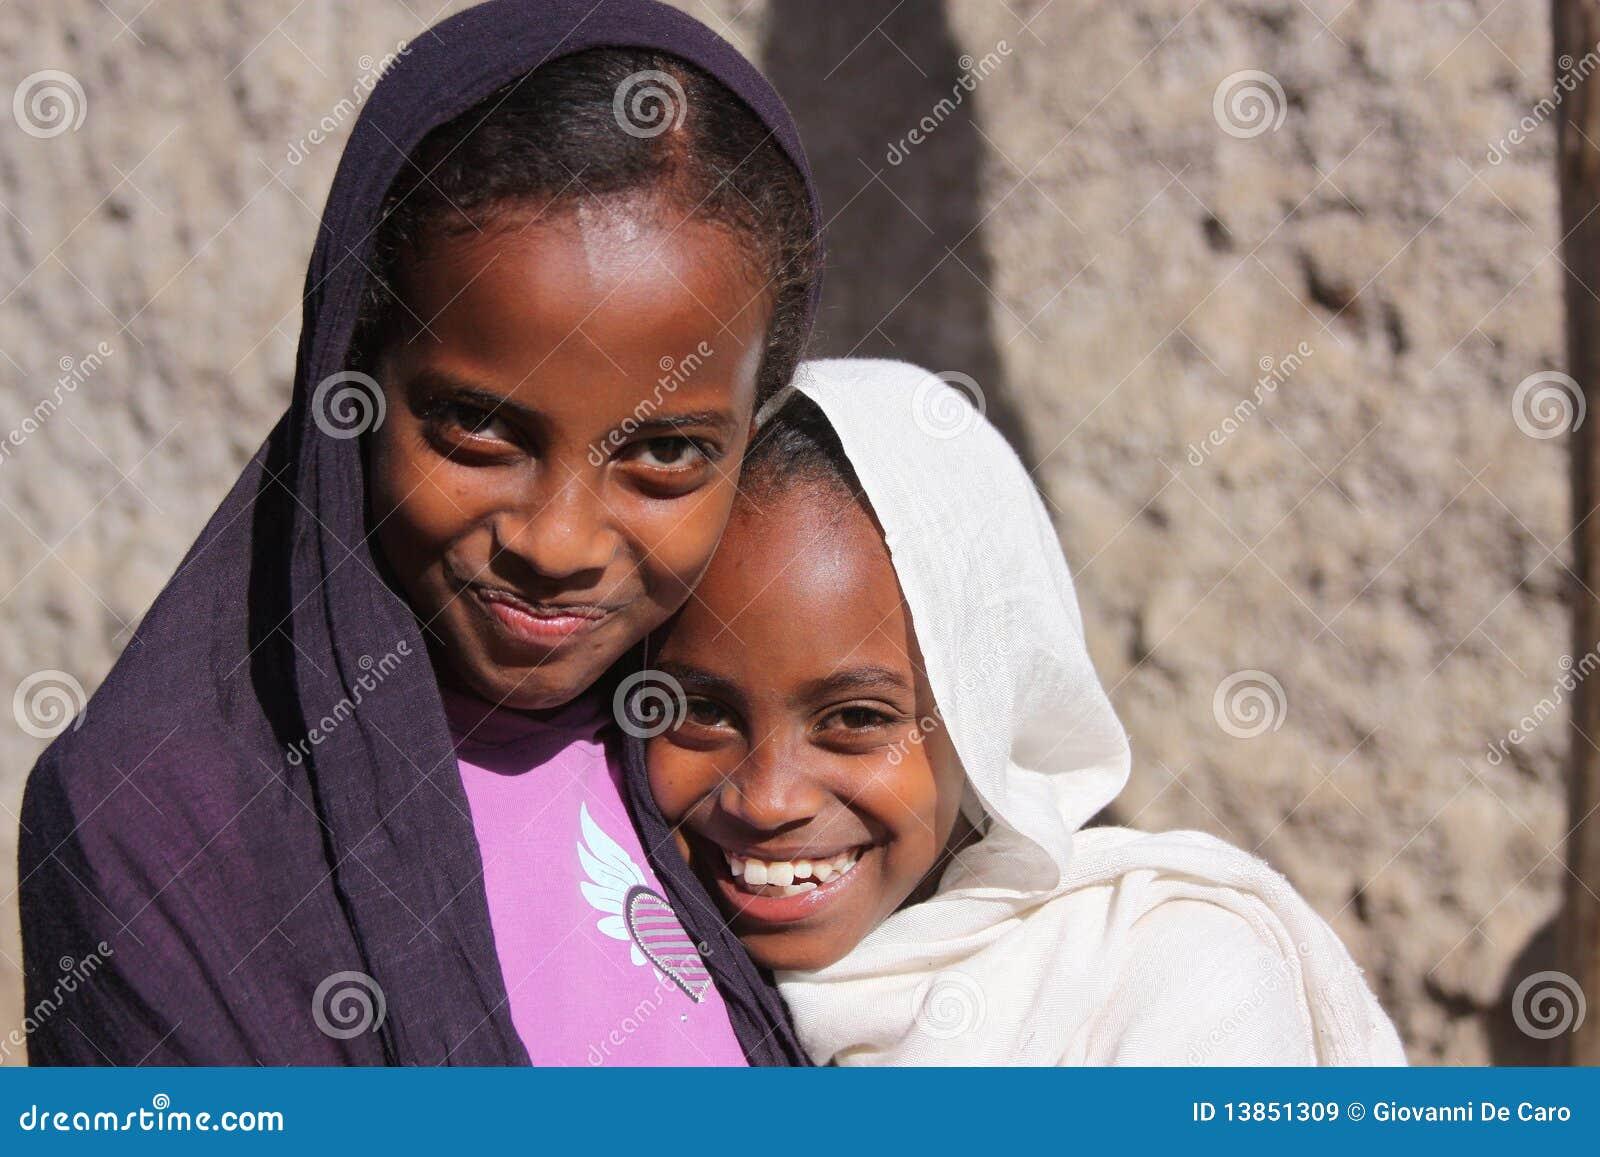 Muchachas en Etiopía